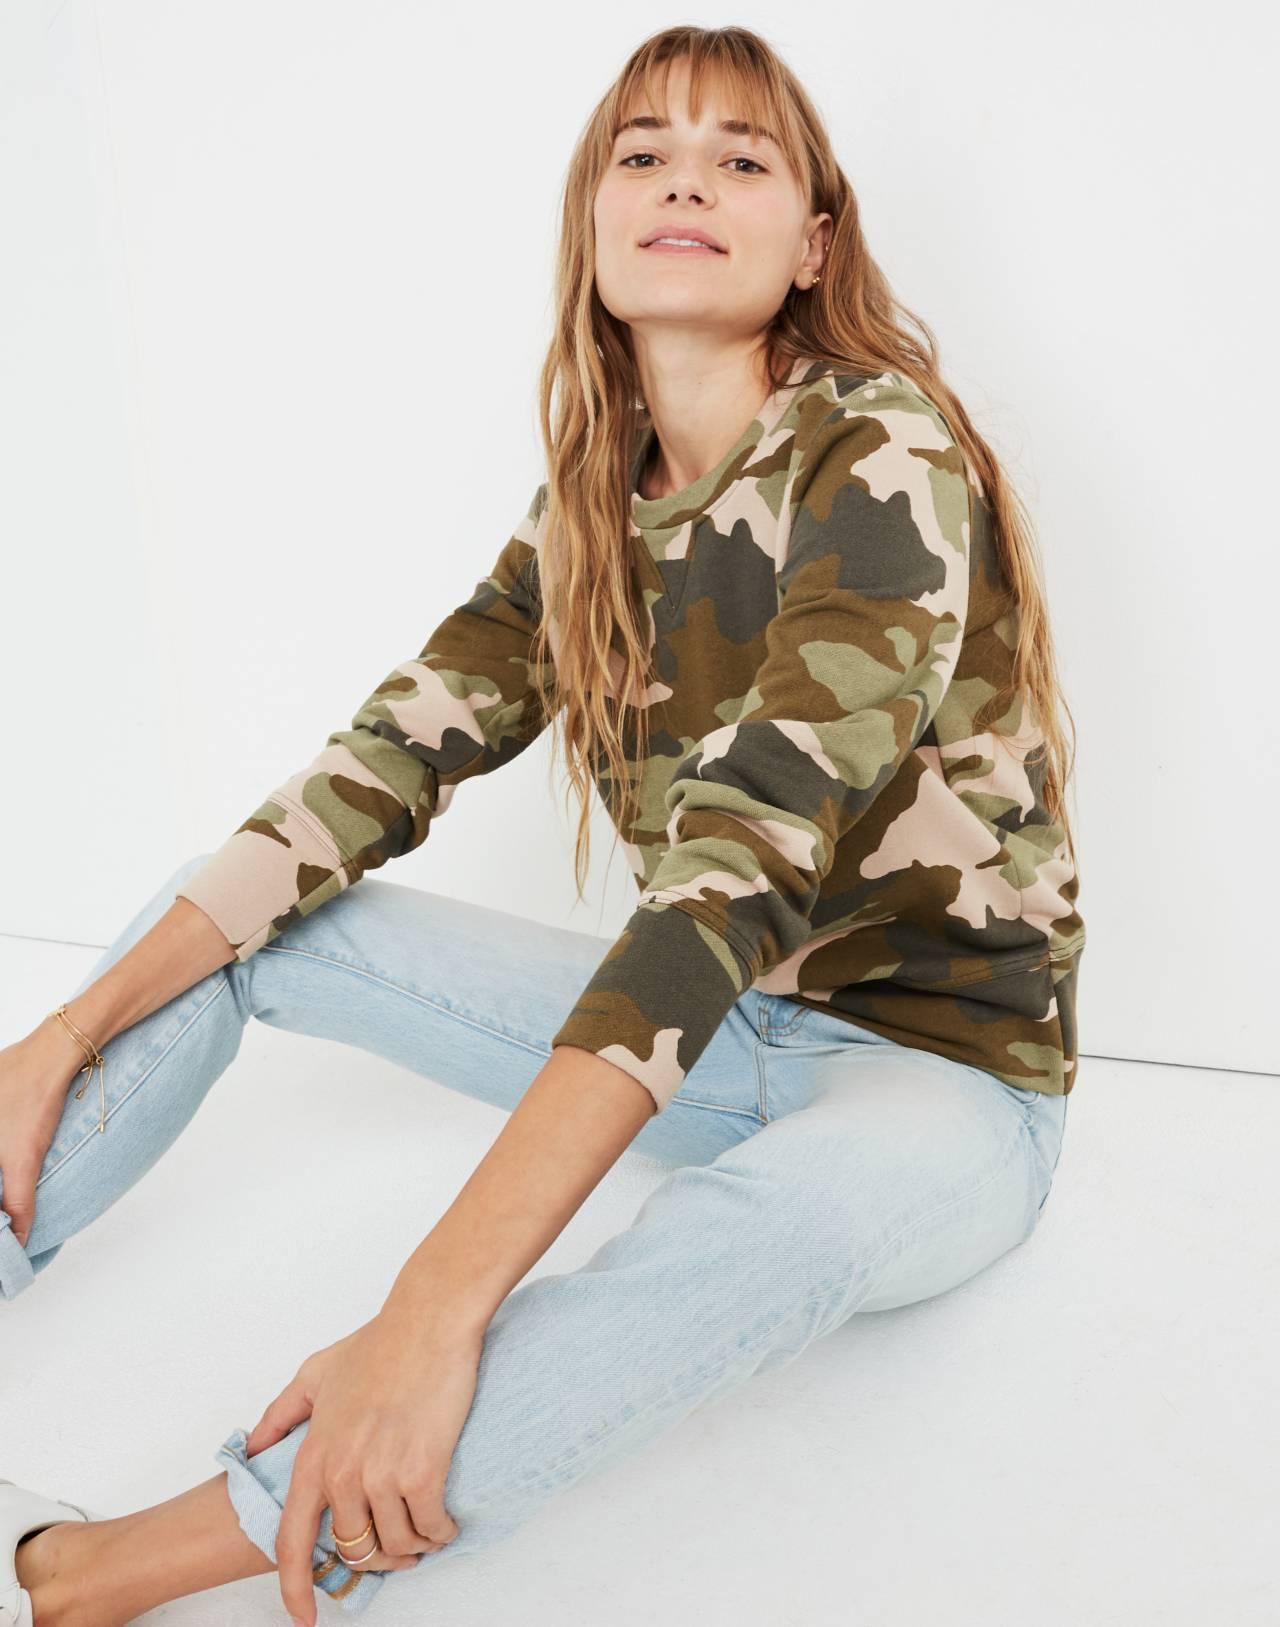 Crewneck Sweatshirt in Cottontail Camo in bunny camo asparagus image 1